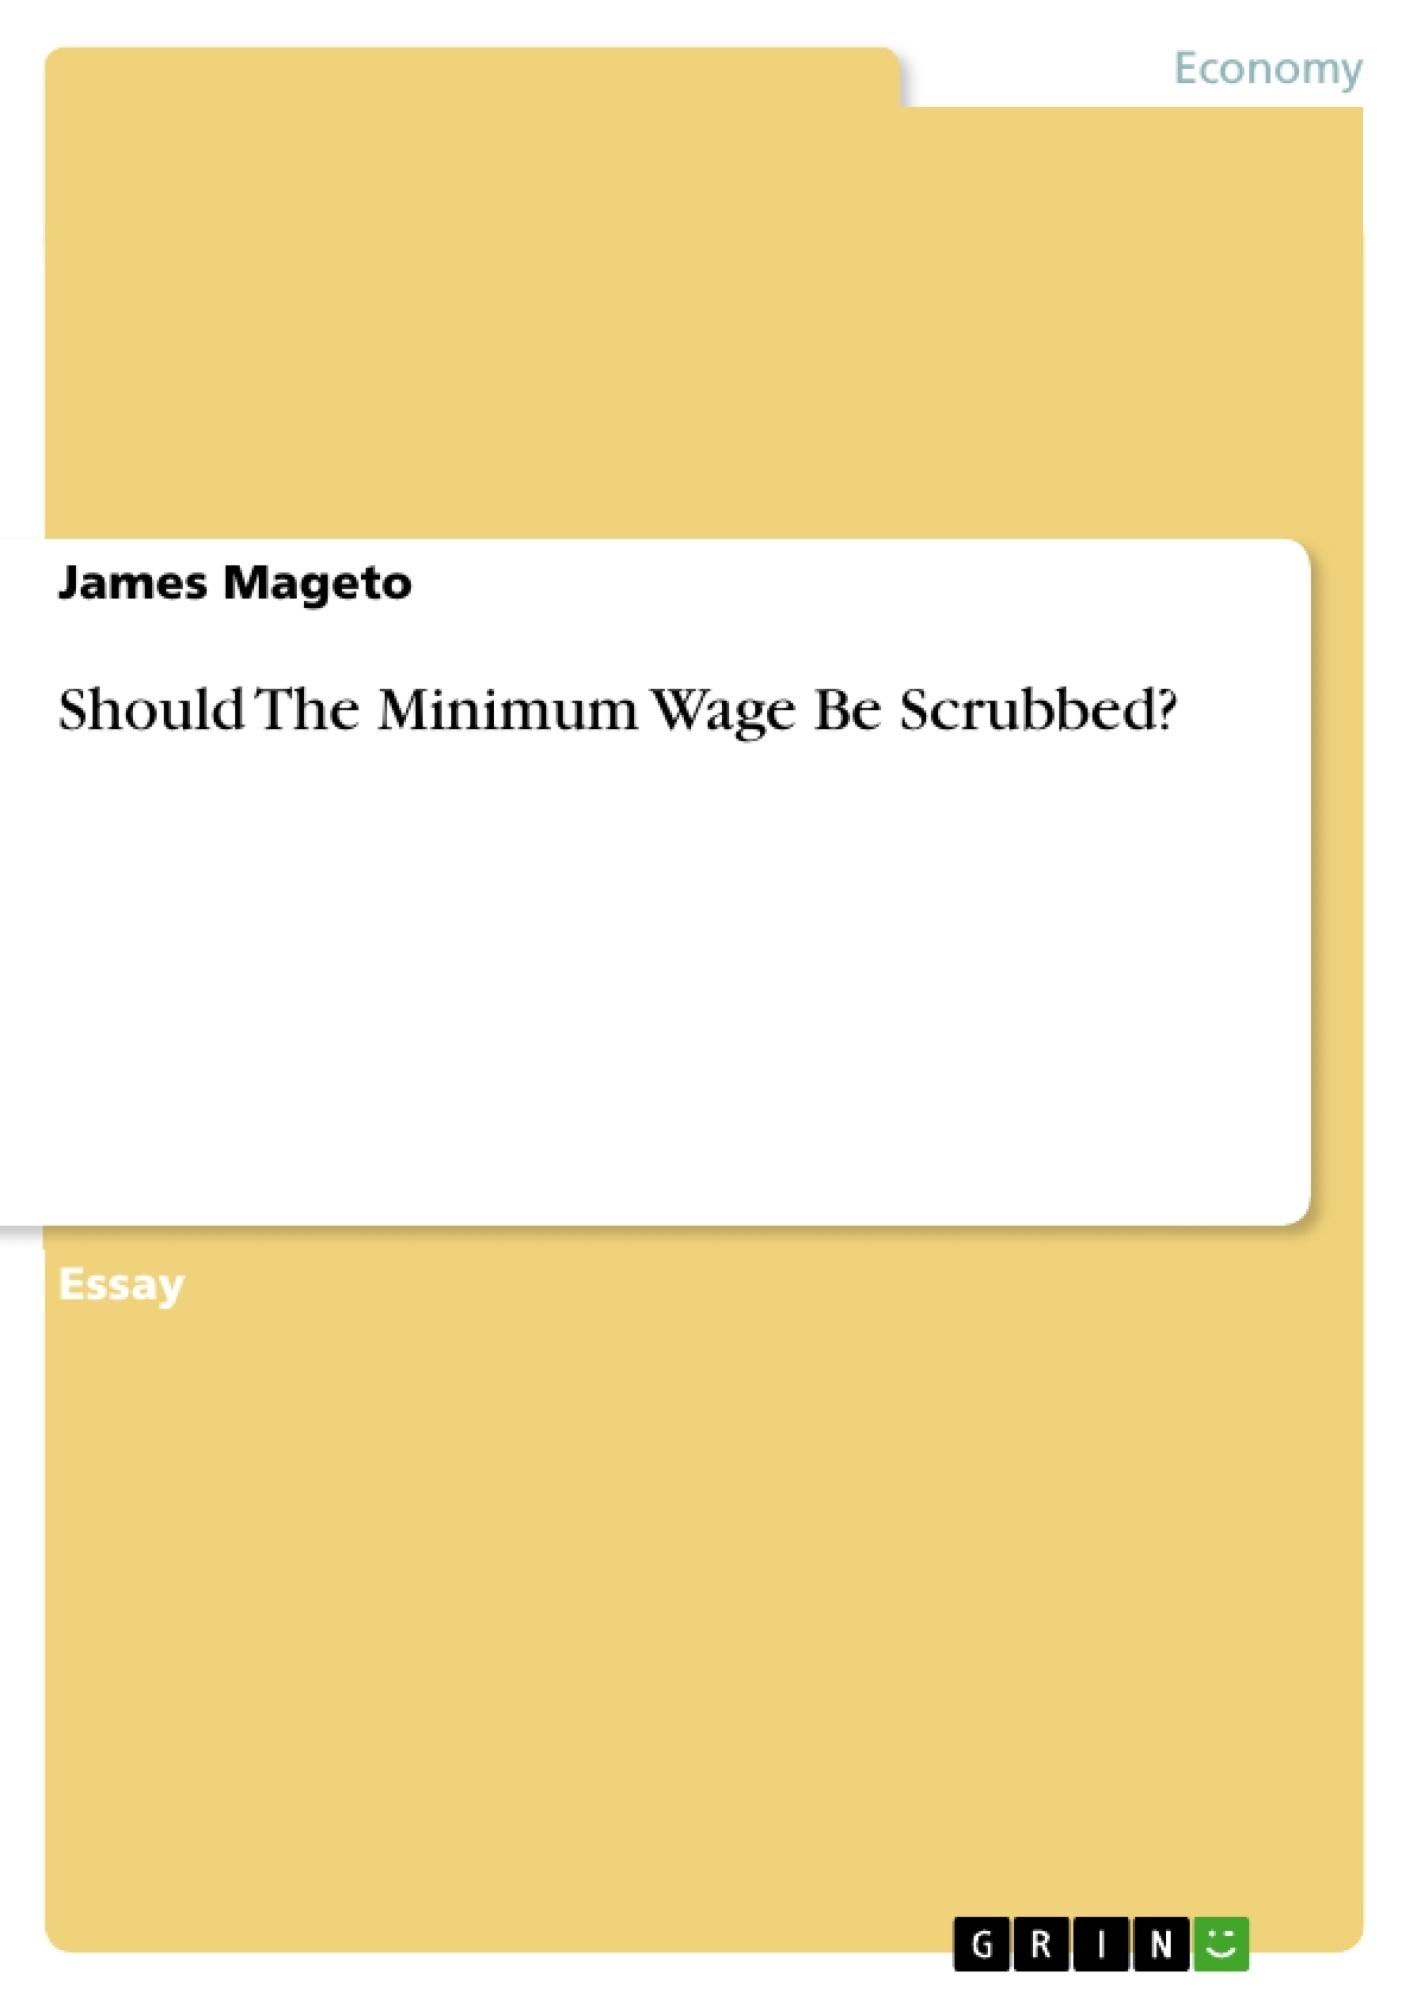 012 Essay Example Minimum Wage 358349 0 Impressive Persuasive Topics Contest Outline Full